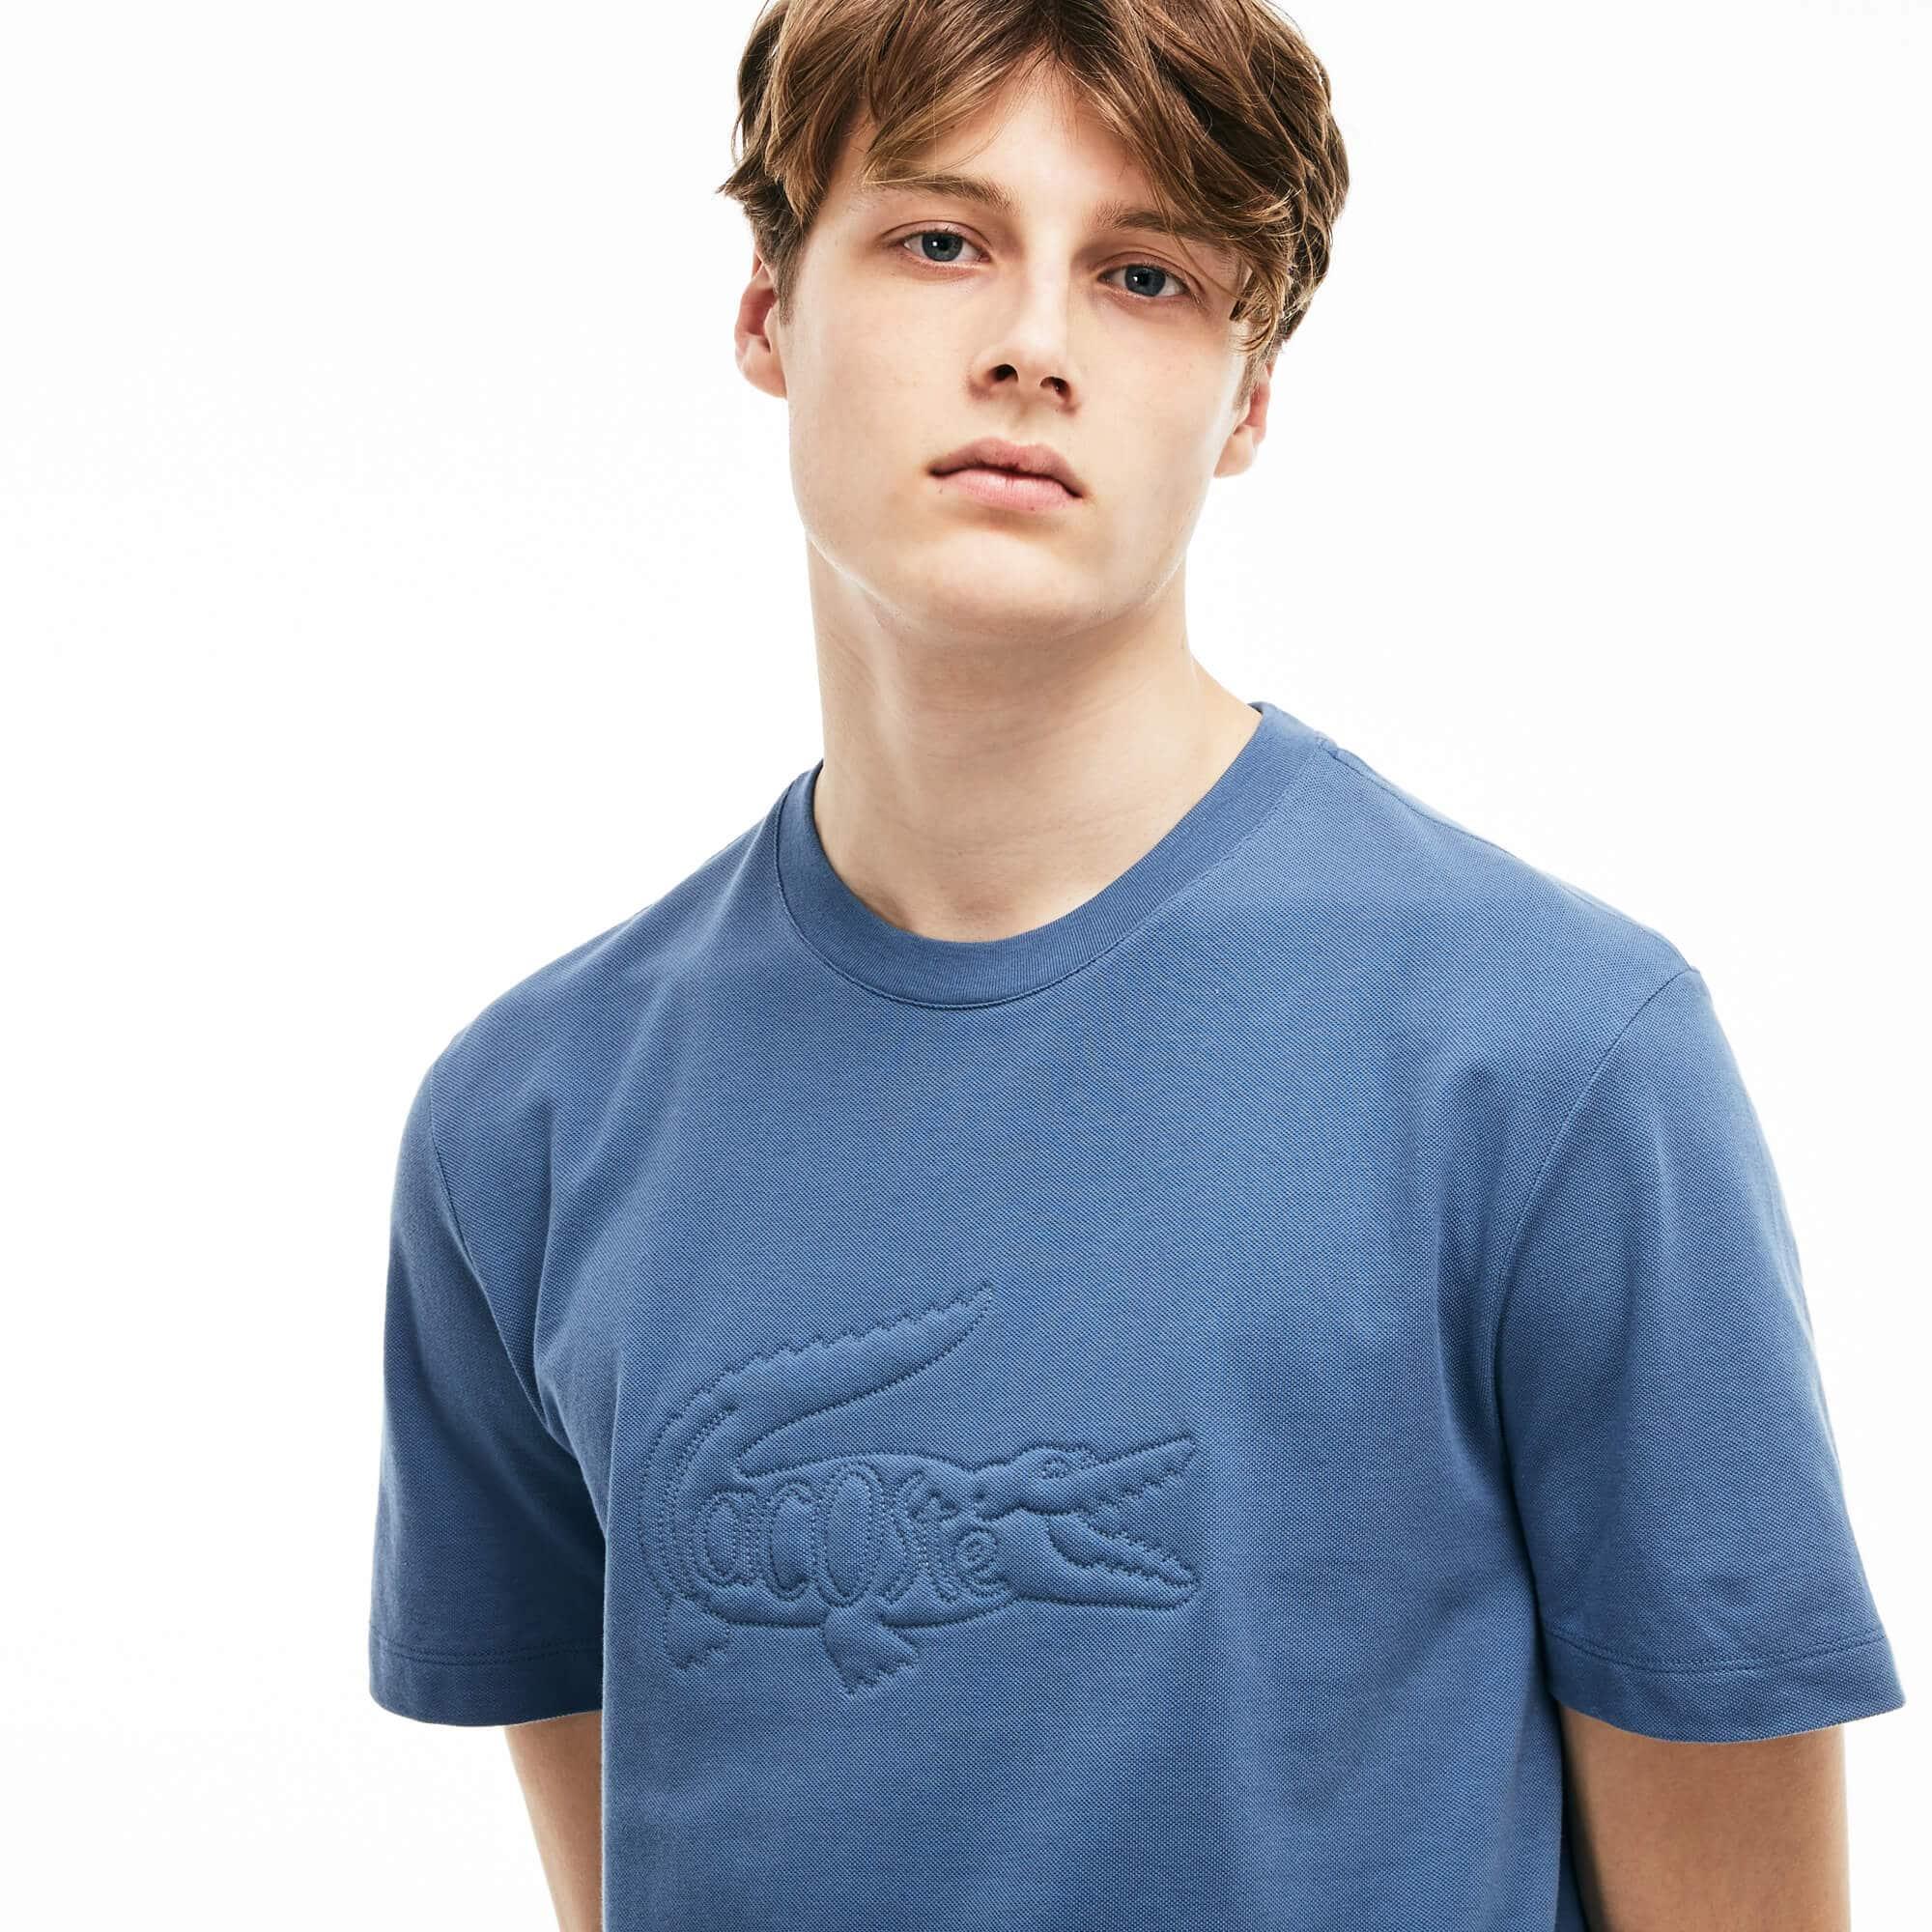 Herren-Rundhals-T-Shirt aus Mini-Piqué mit Krokodil-Stickerei